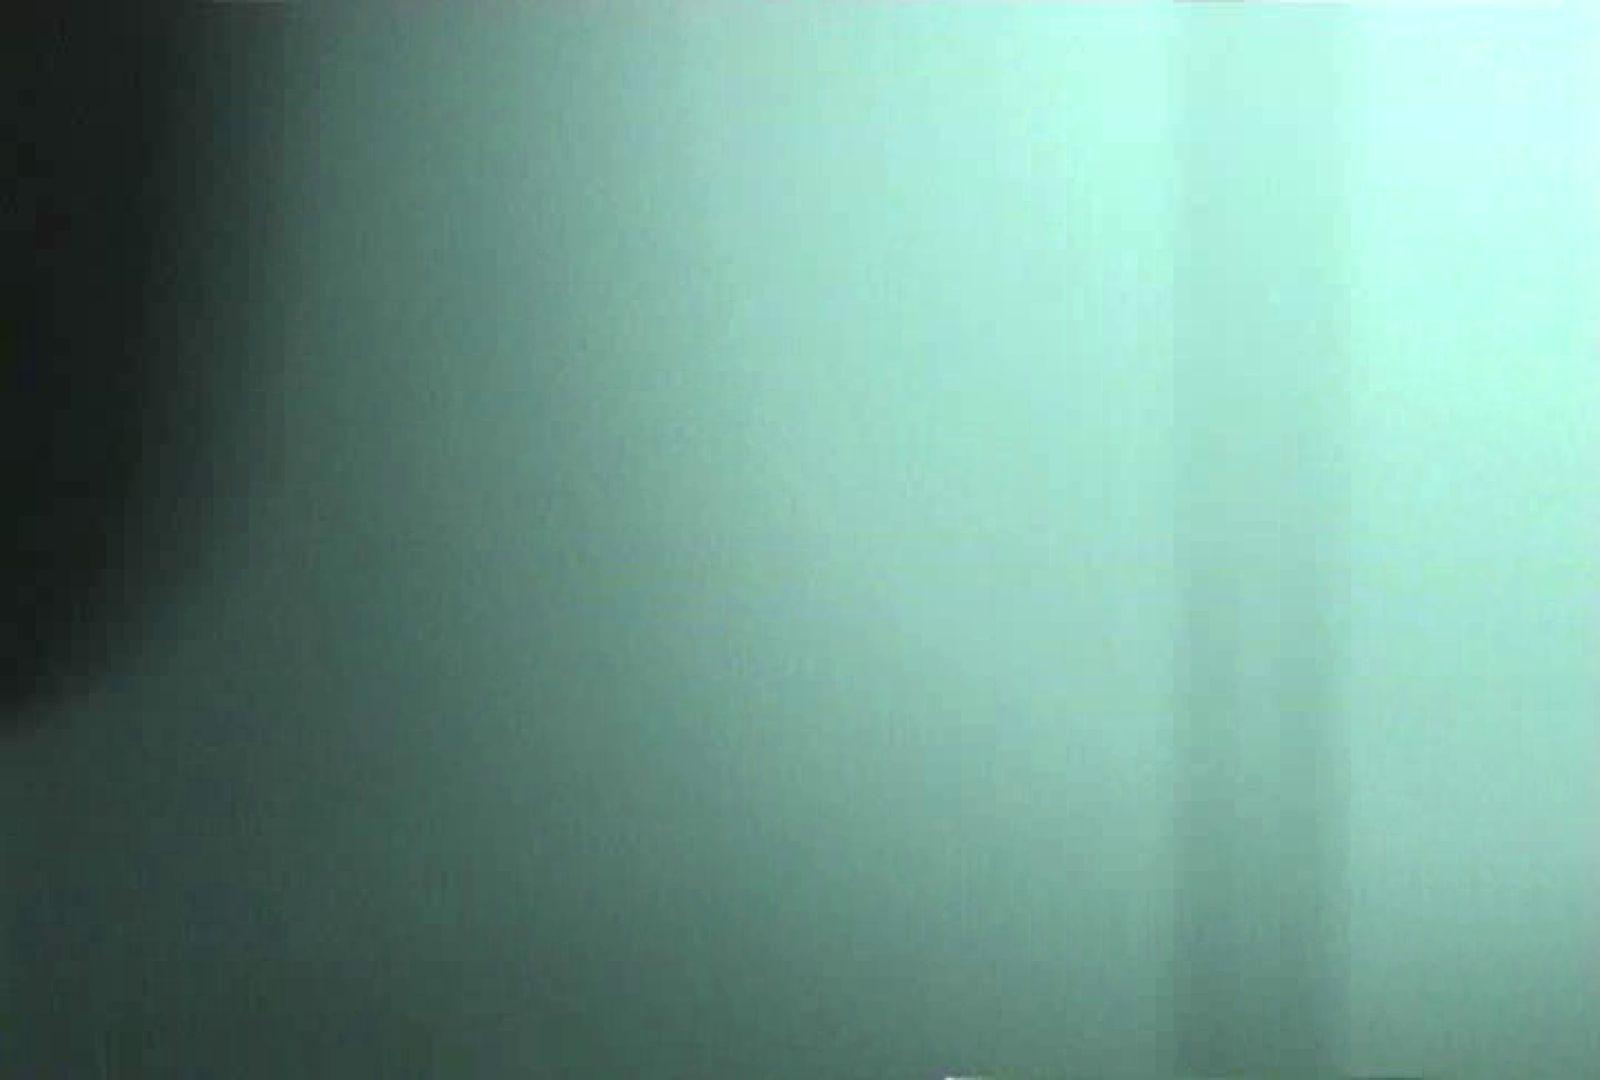 充血監督の深夜の運動会Vol.68 クンニ オマンコ動画キャプチャ 75pic 11